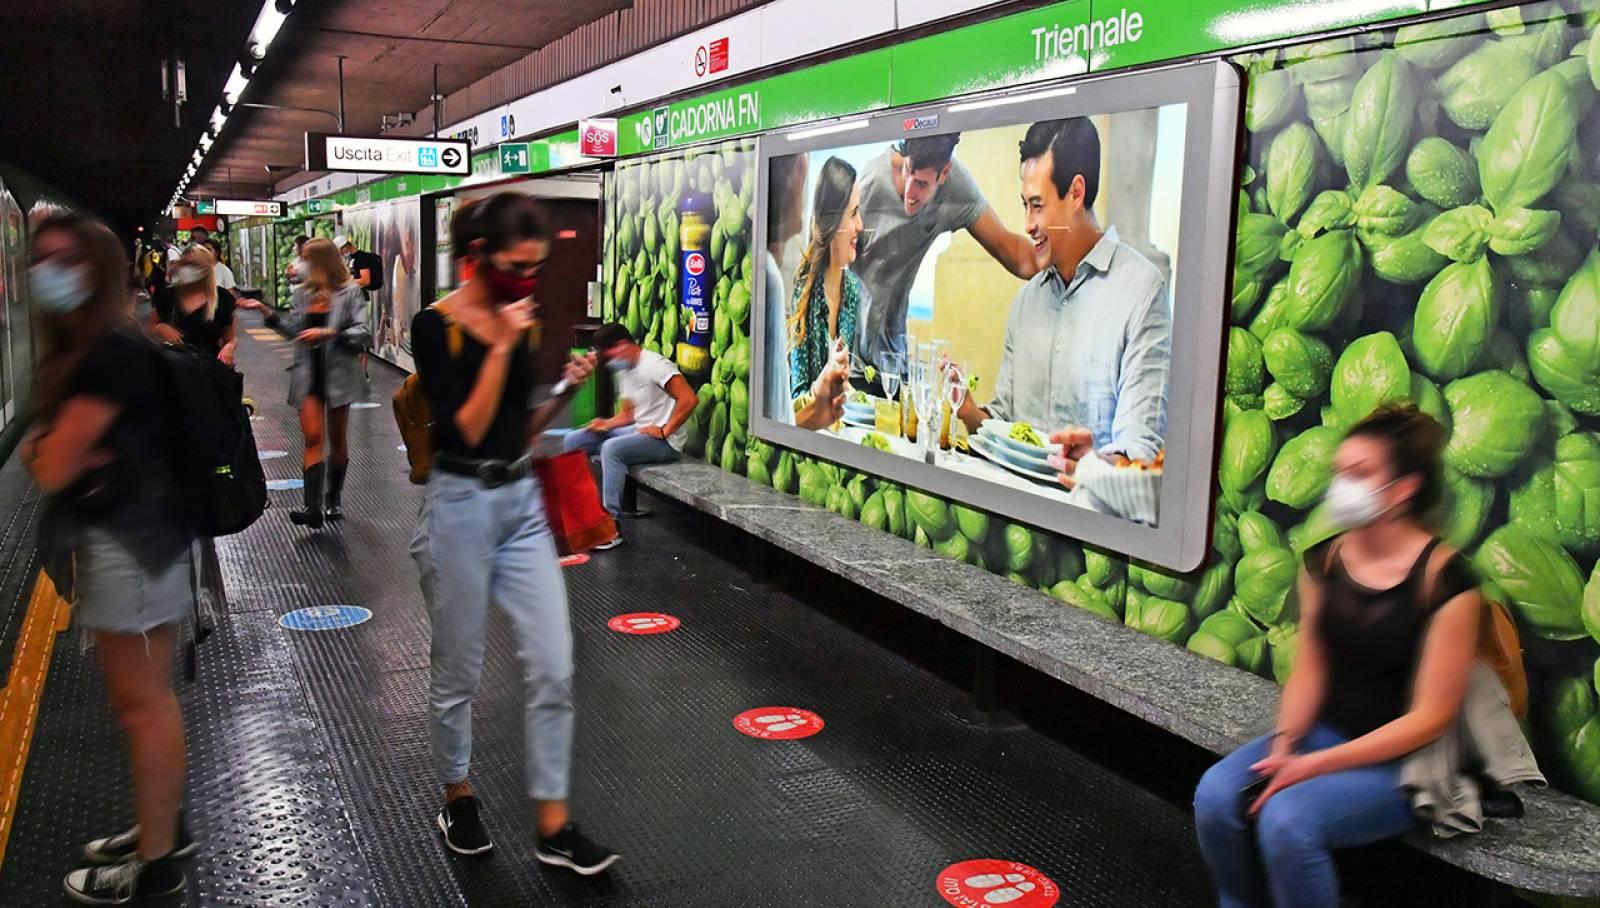 Pubblicità in metropolitana IGPDecaux a Milano Cadorna Station Domination per Barilla